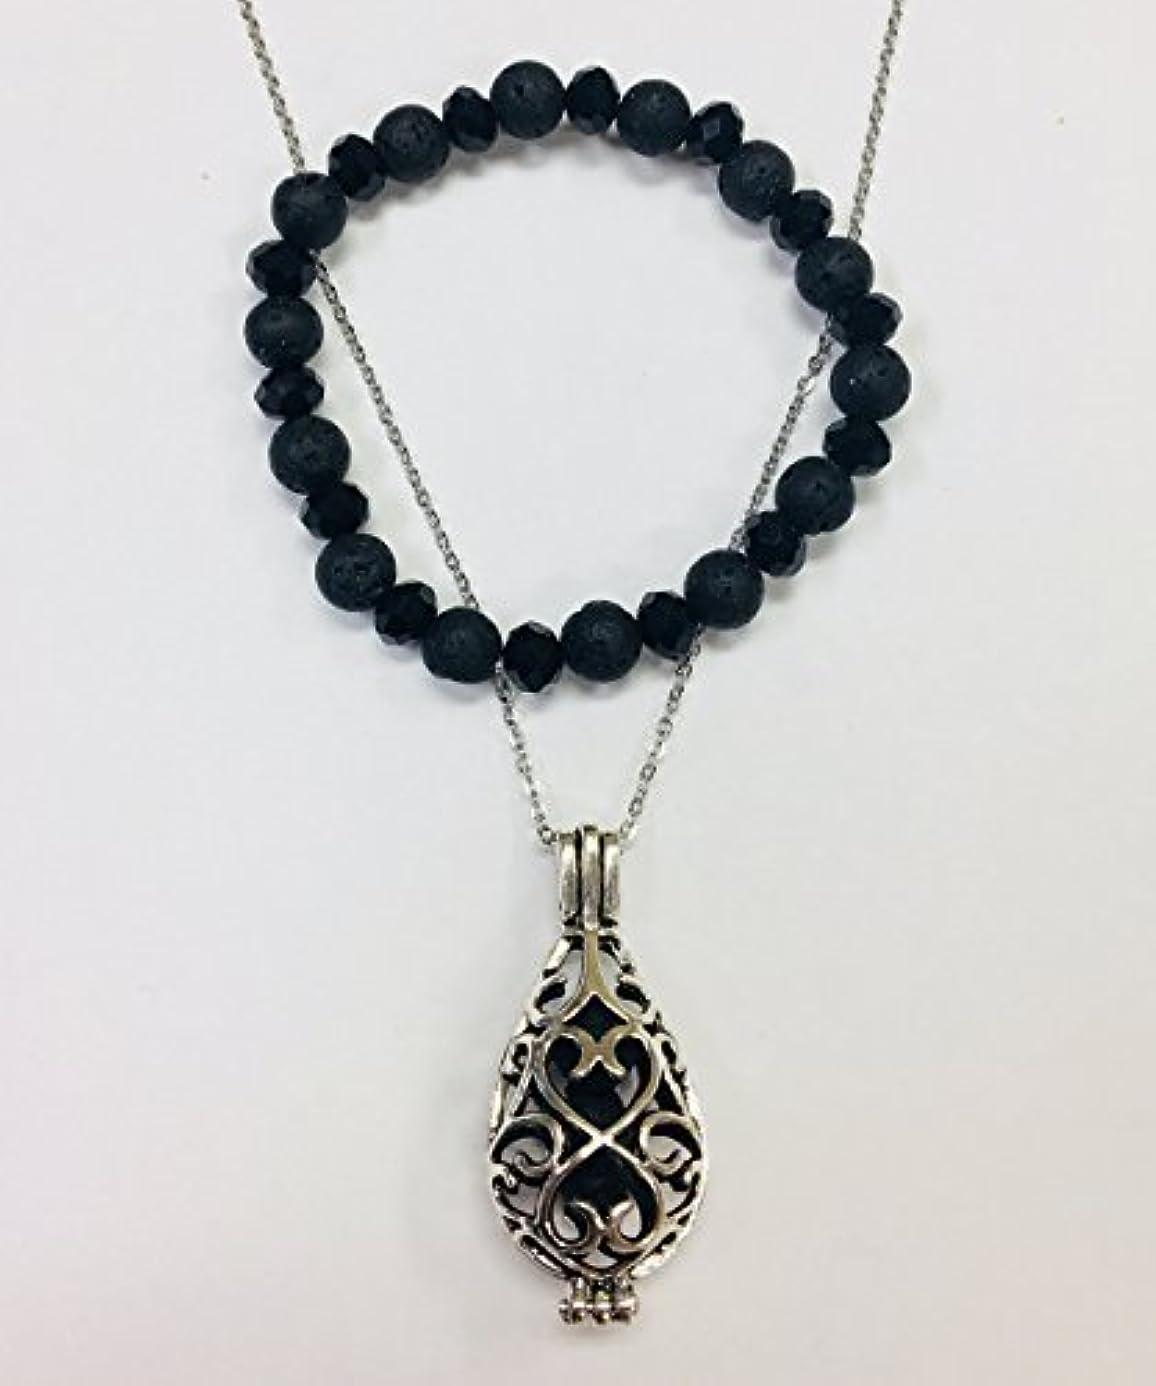 熱心ネズミ補体Essential Oil Set - Lava Bead Diffuser Locket Necklace and Lava Bead Stretch Bracelet [並行輸入品]